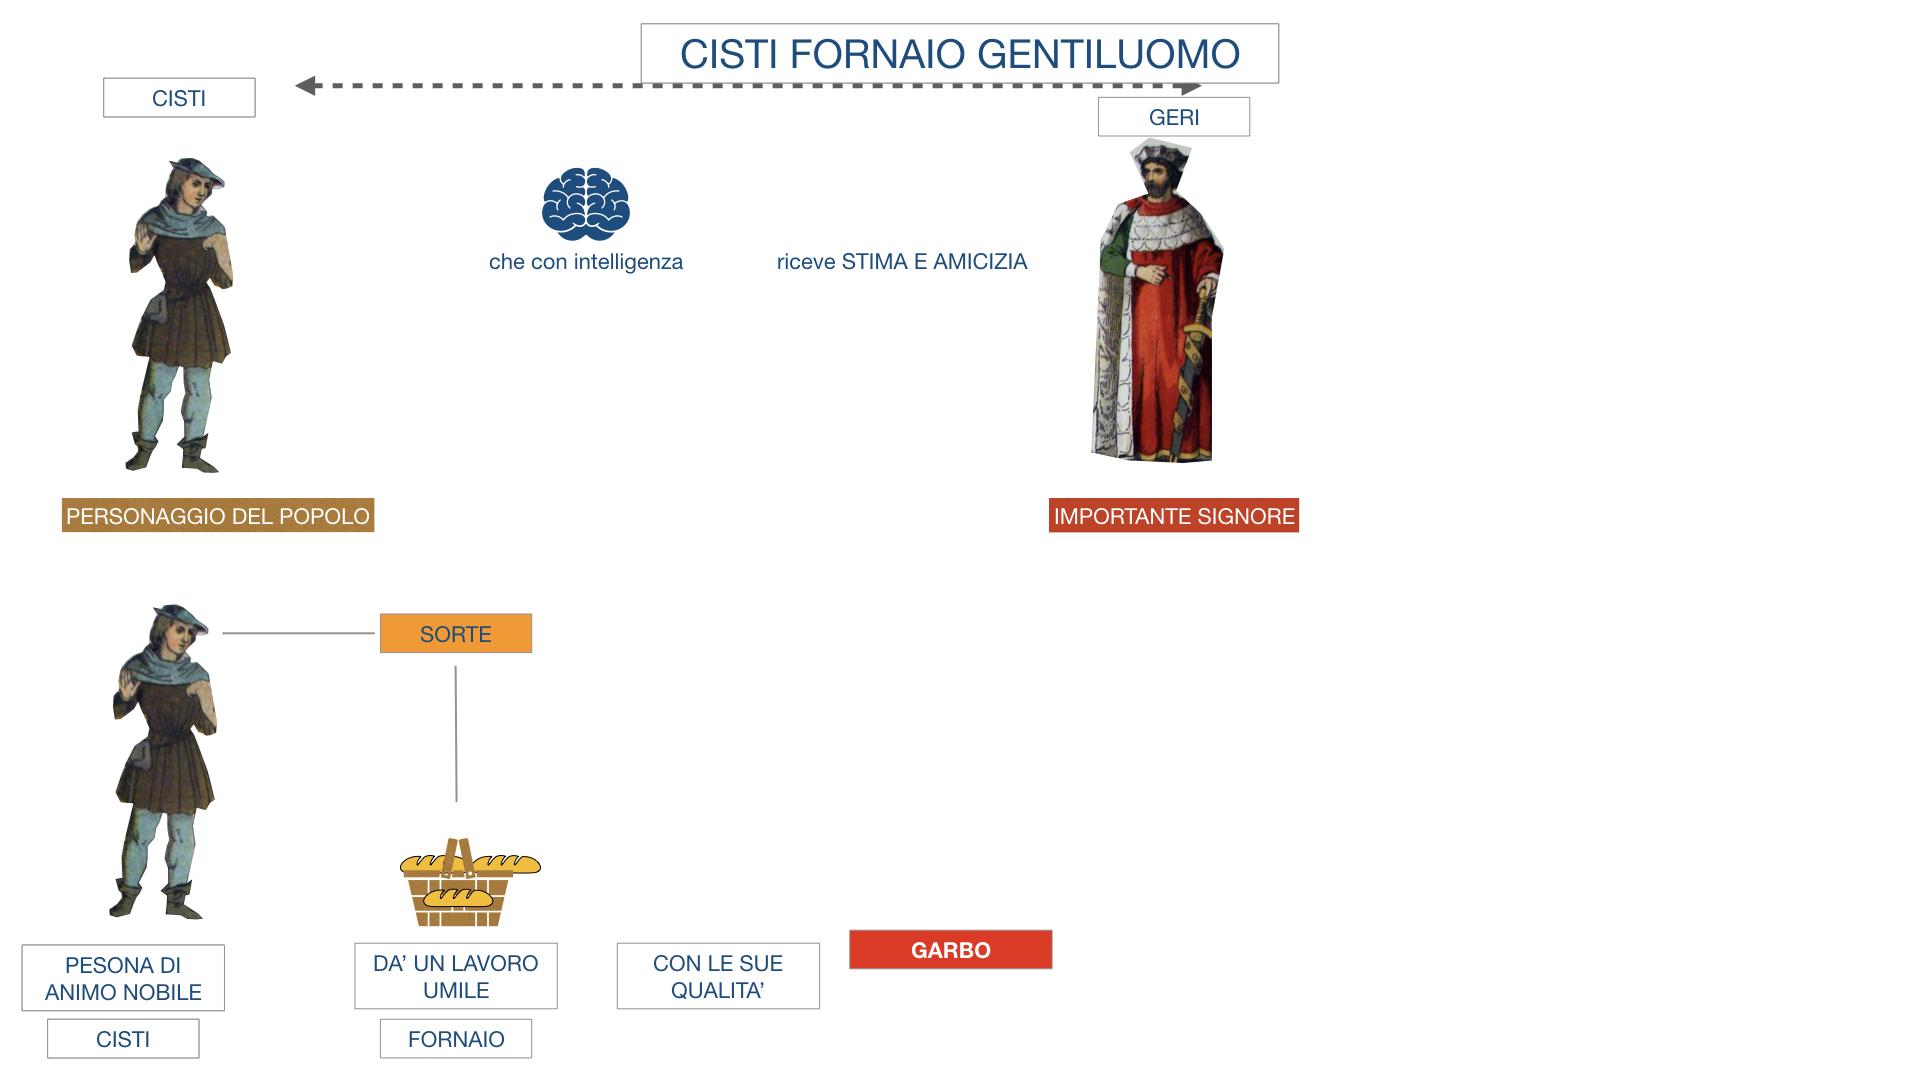 CISTI IL FORNAIO_SIMULAZIONE .011